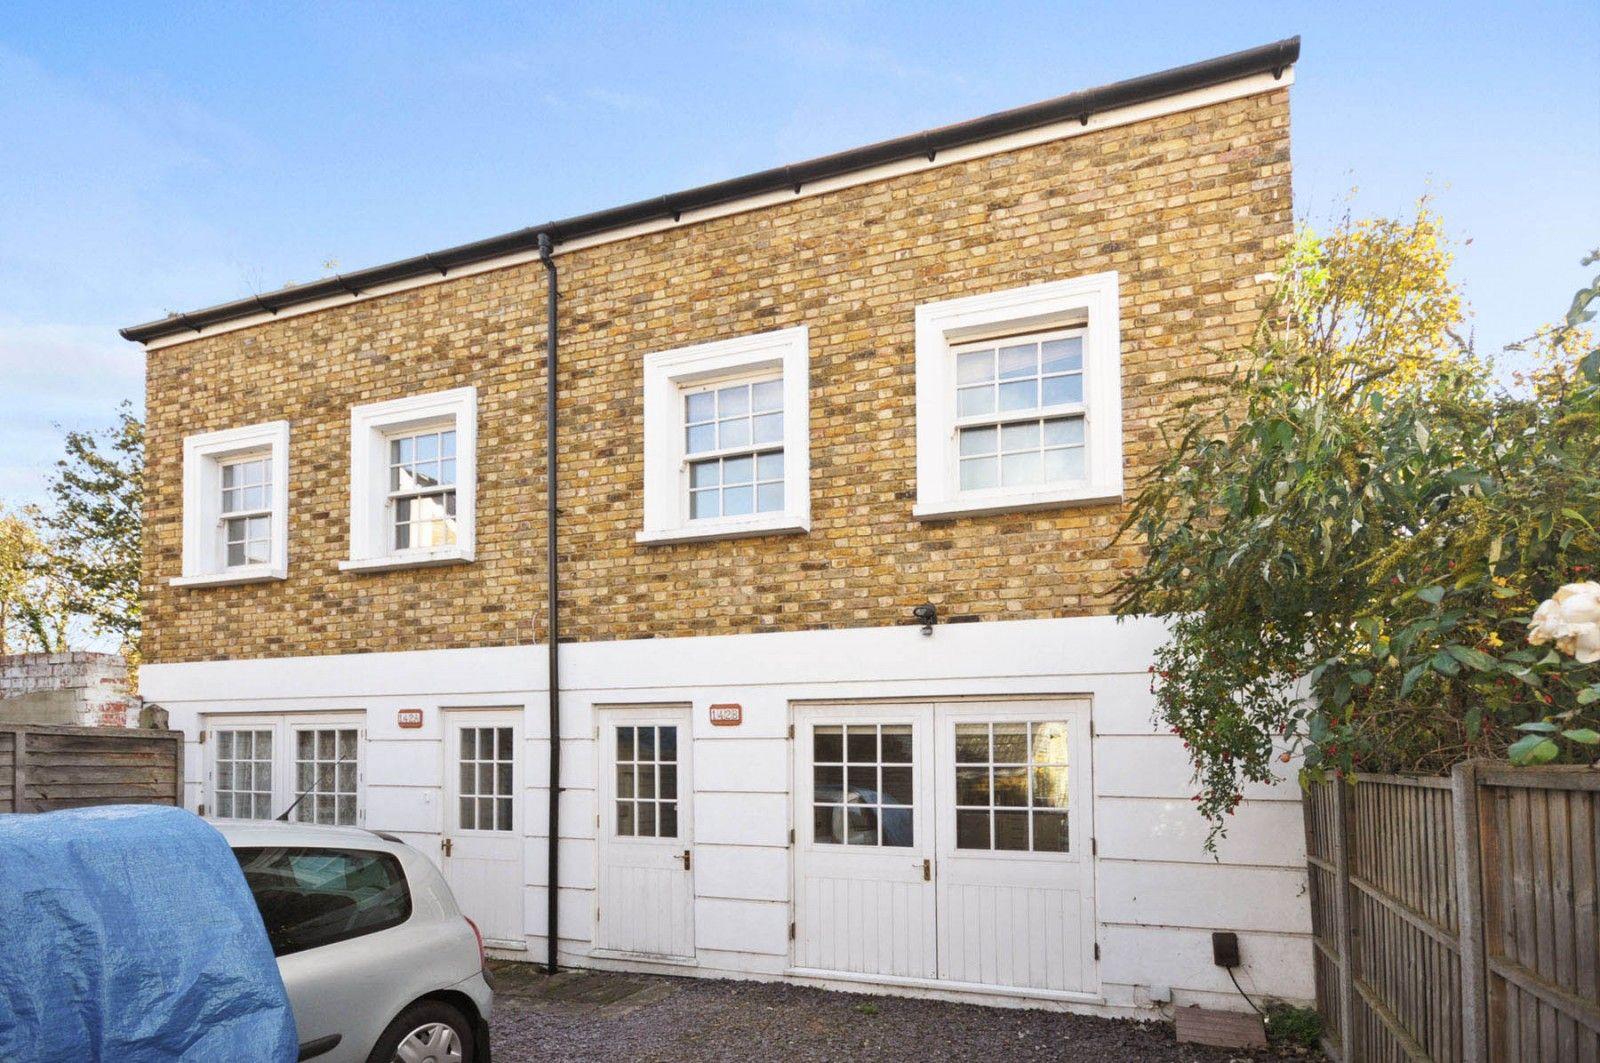 Property photo 1 of 6. Image 1 (Main)